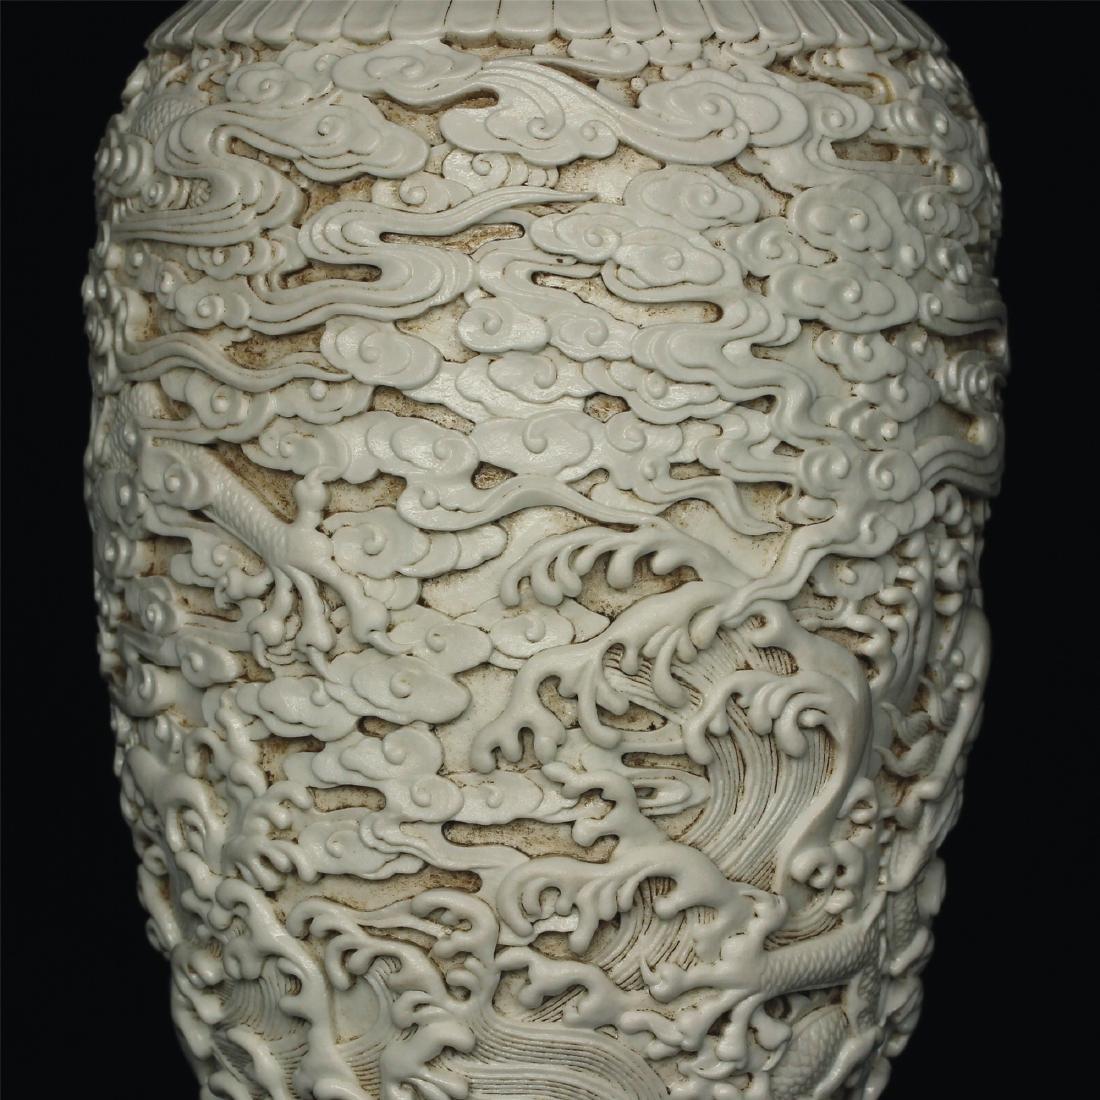 White glaze carving porcelain vase of Qing Dynasty - 4